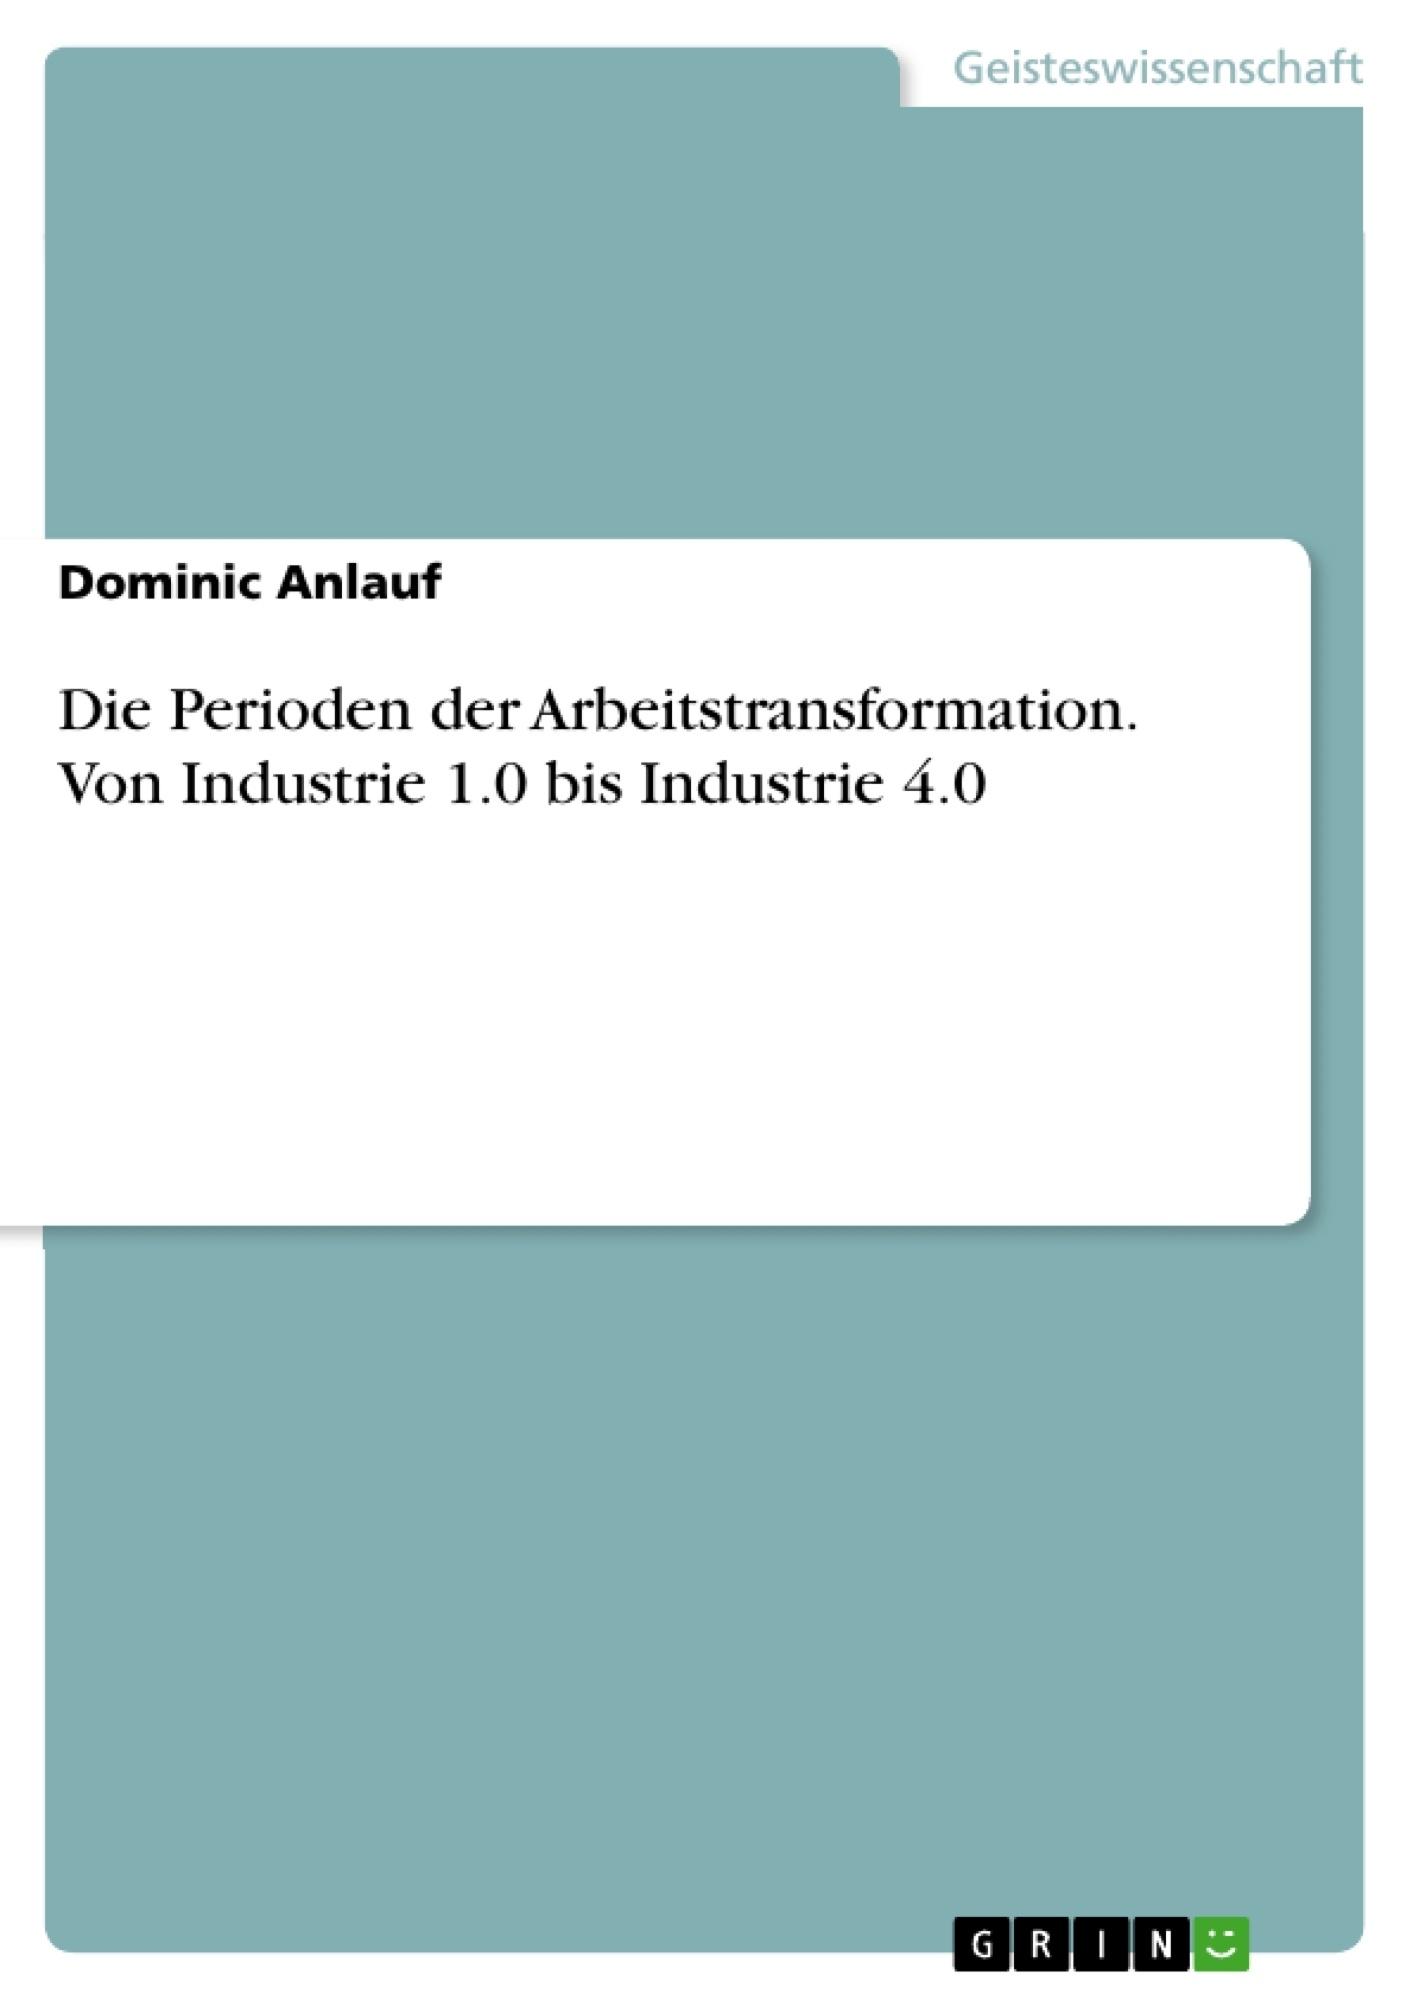 Titel: Die Perioden der Arbeitstransformation. Von Industrie 1.0 bis Industrie 4.0